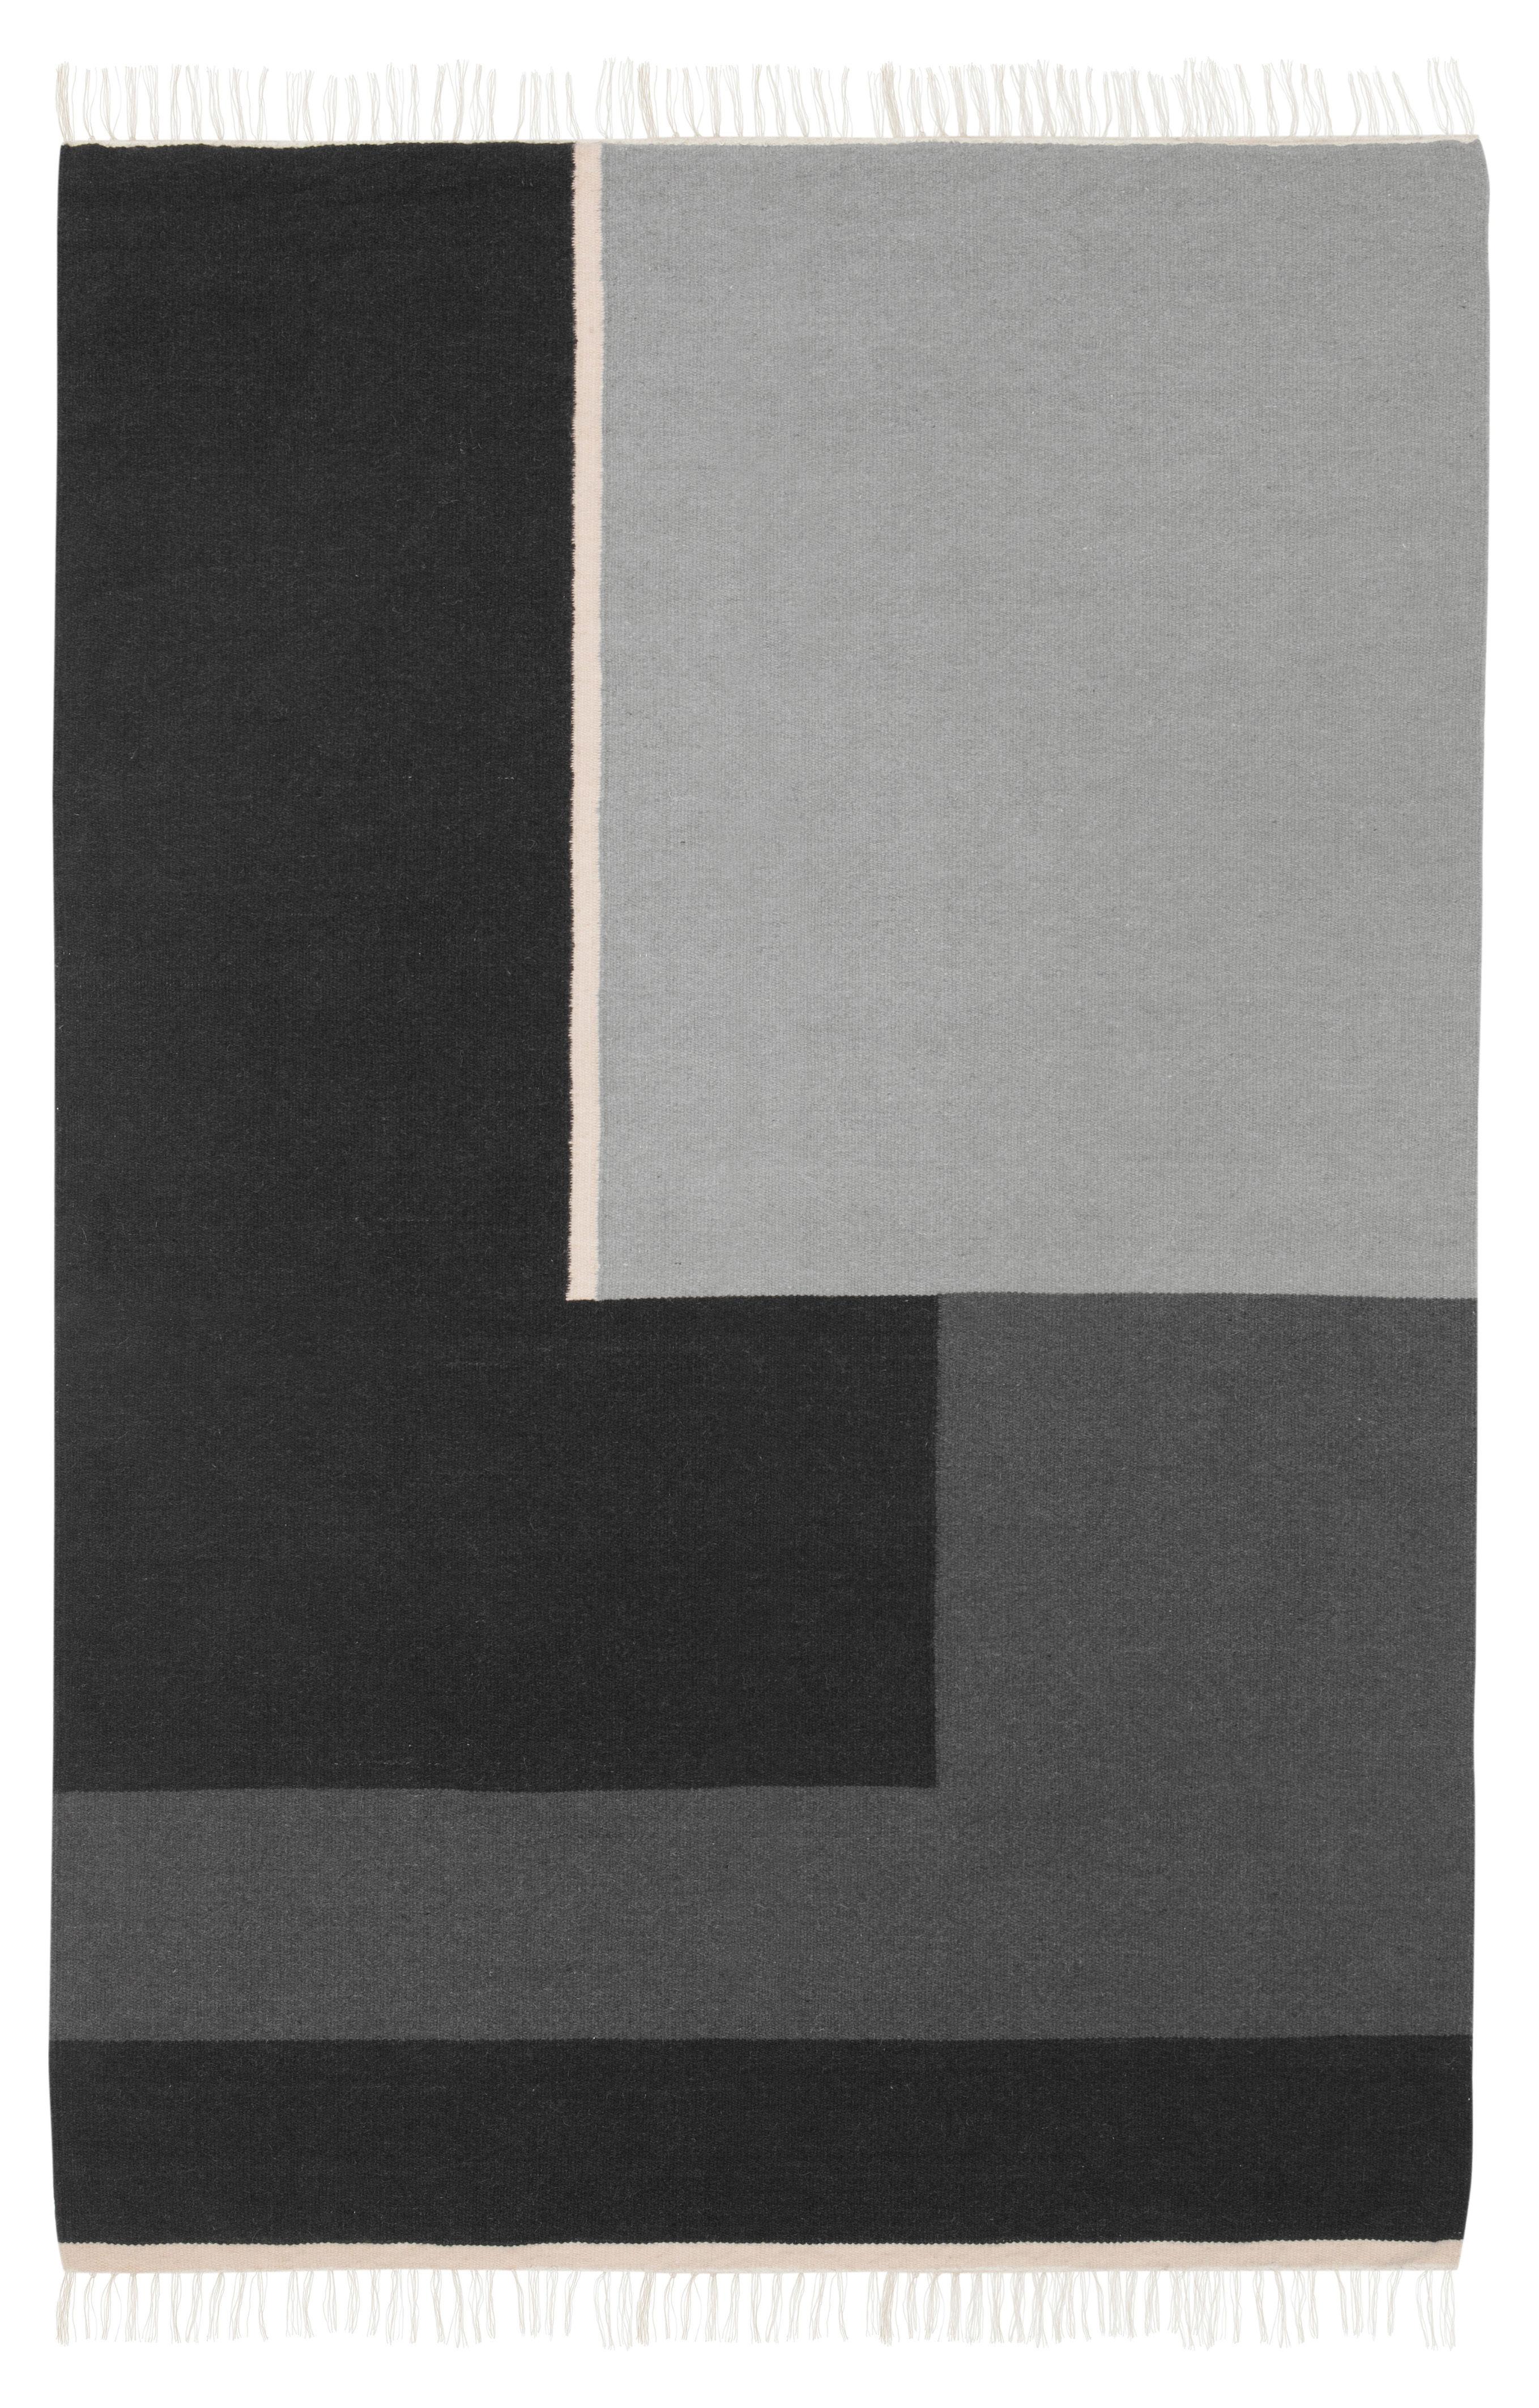 Déco - Tapis - Tapis Kelim Section / XL - 250 x 160 cm - Ferm Living - XL - Noir & Blanc - Coton, Laine